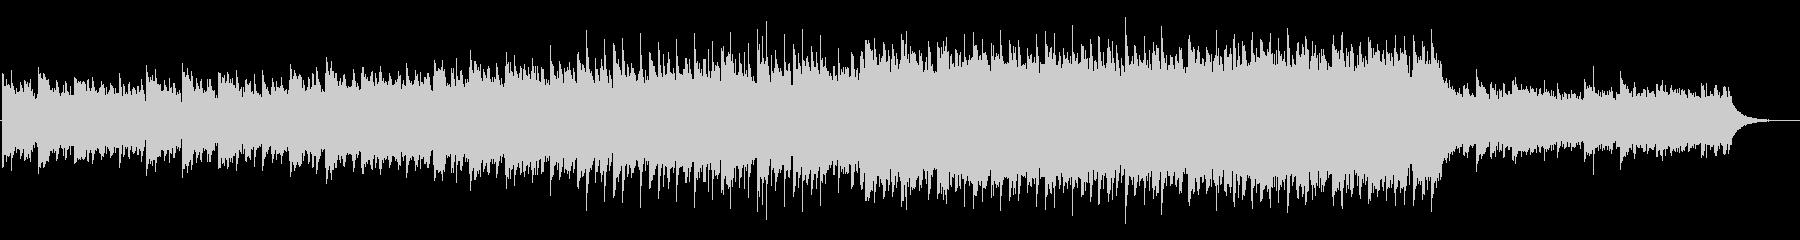 企業VP、CM18。ピアノエレクトロの未再生の波形